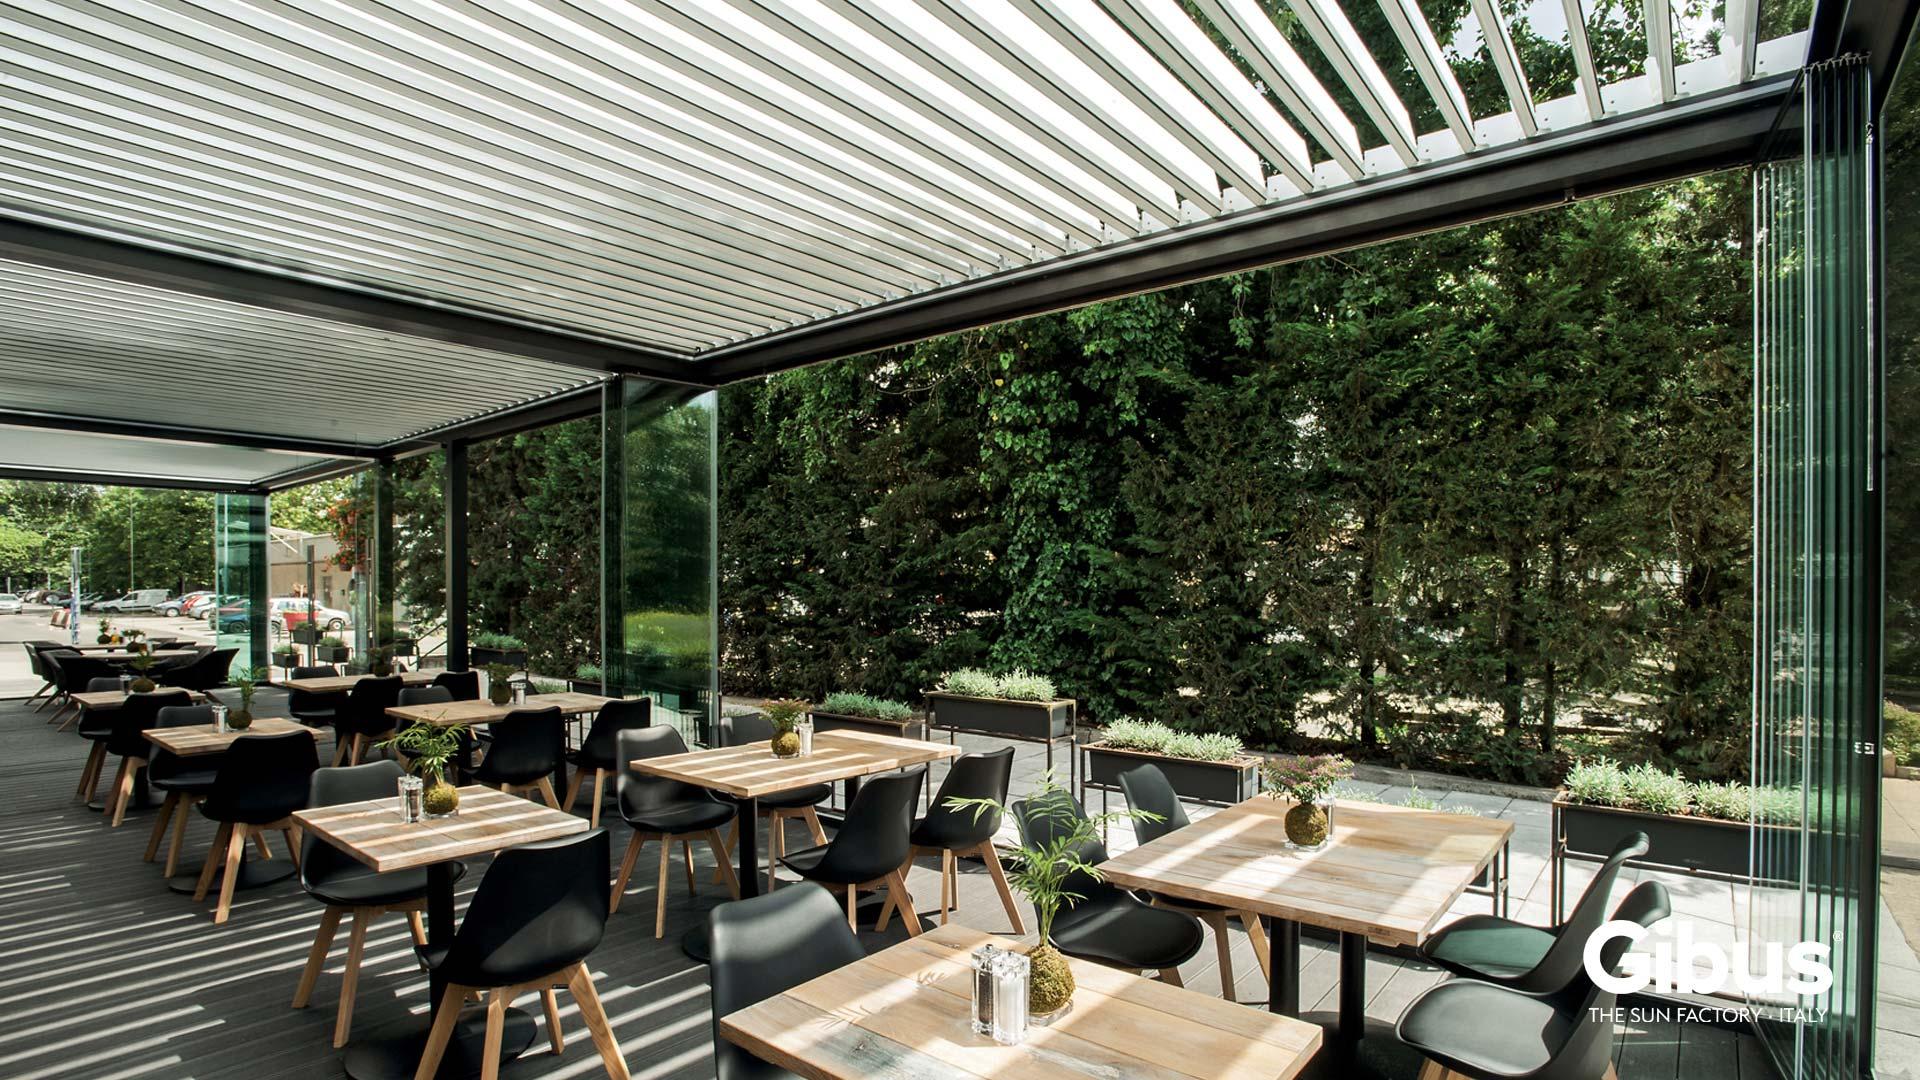 Arredamento contract per bar e ristoranti padova for Arredamento esterno bar